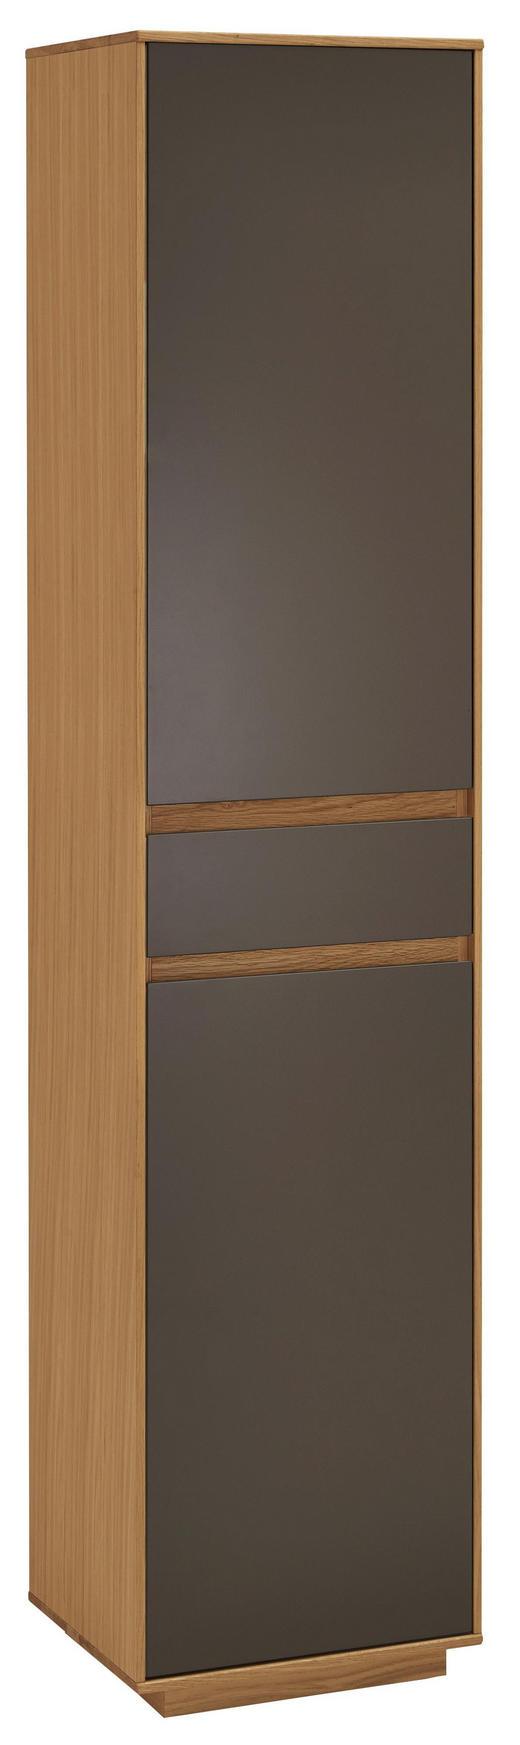 GARDEROBENSCHRANK 44/193/37 cm - Eichefarben/Dunkelbraun, Design, Holz/Holzwerkstoff (44/193/37cm) - Novel